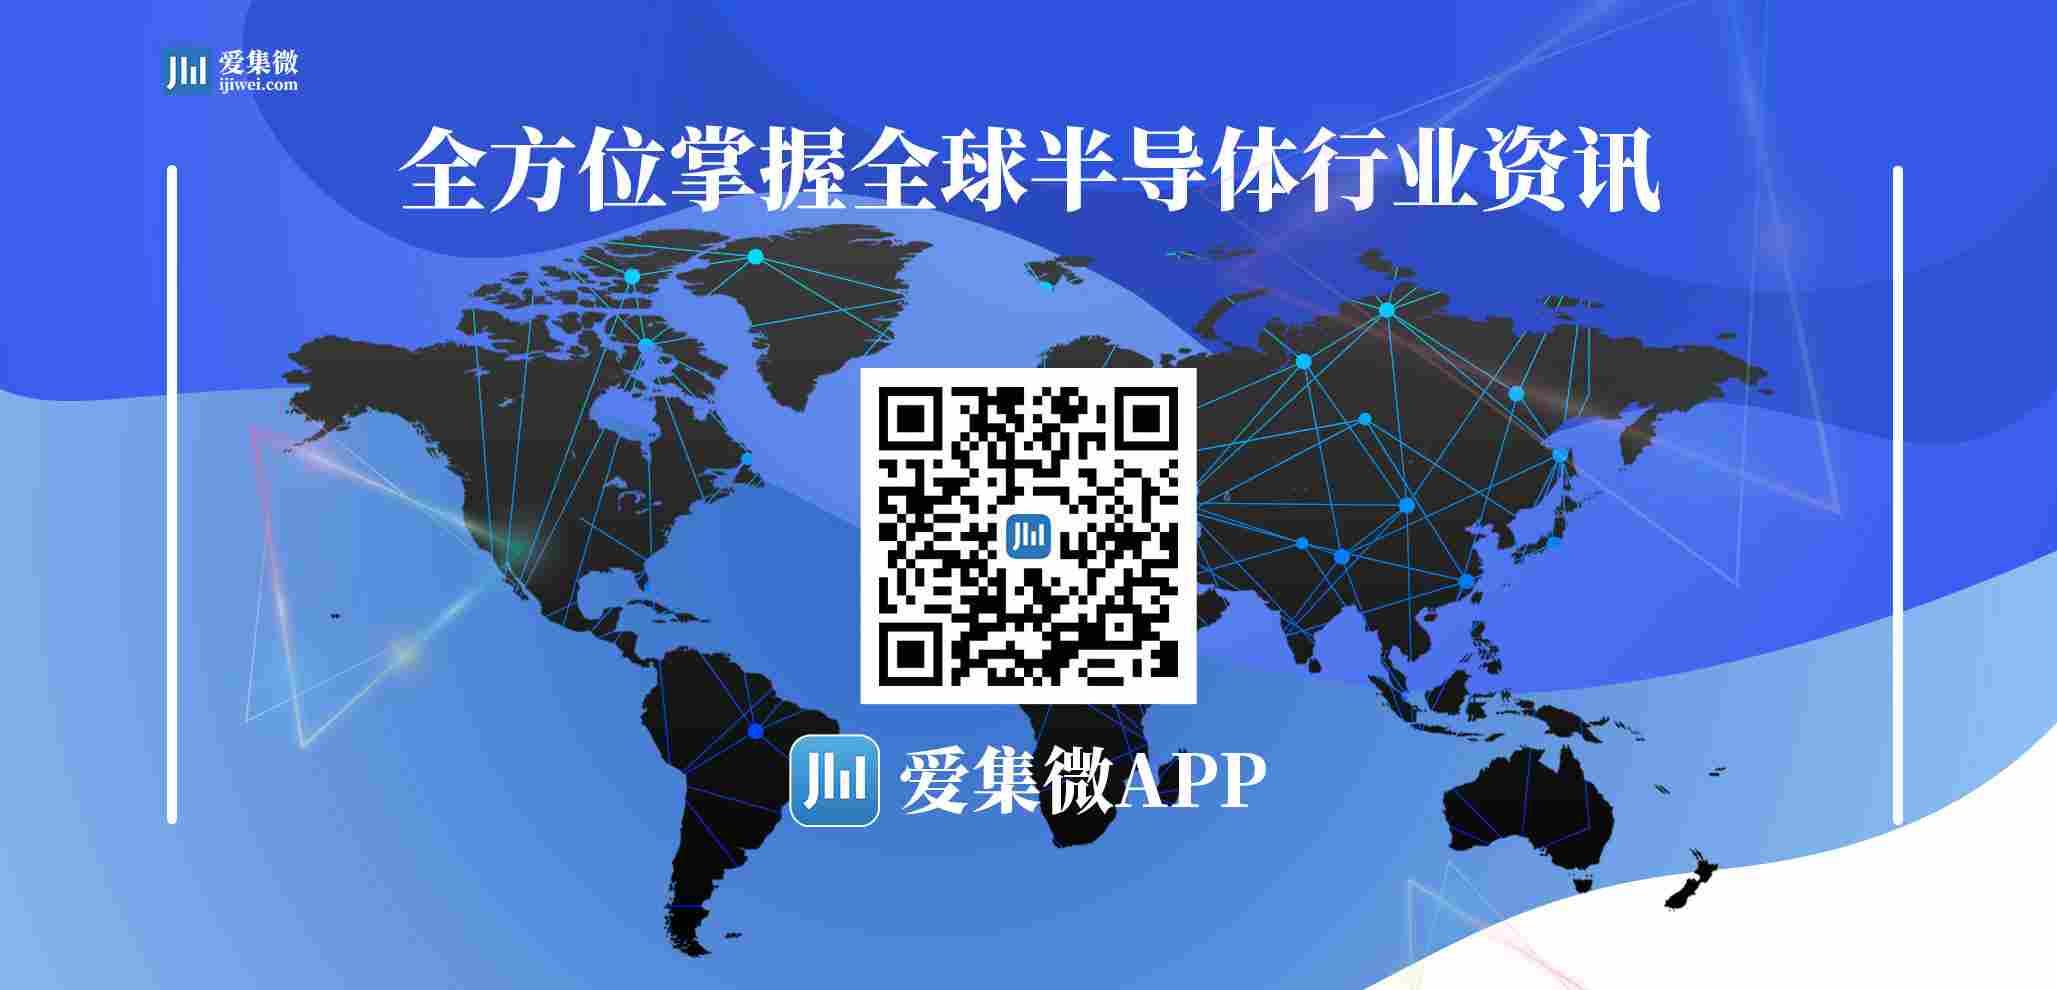 http://www.weixinrensheng.com/kejika/744344.html